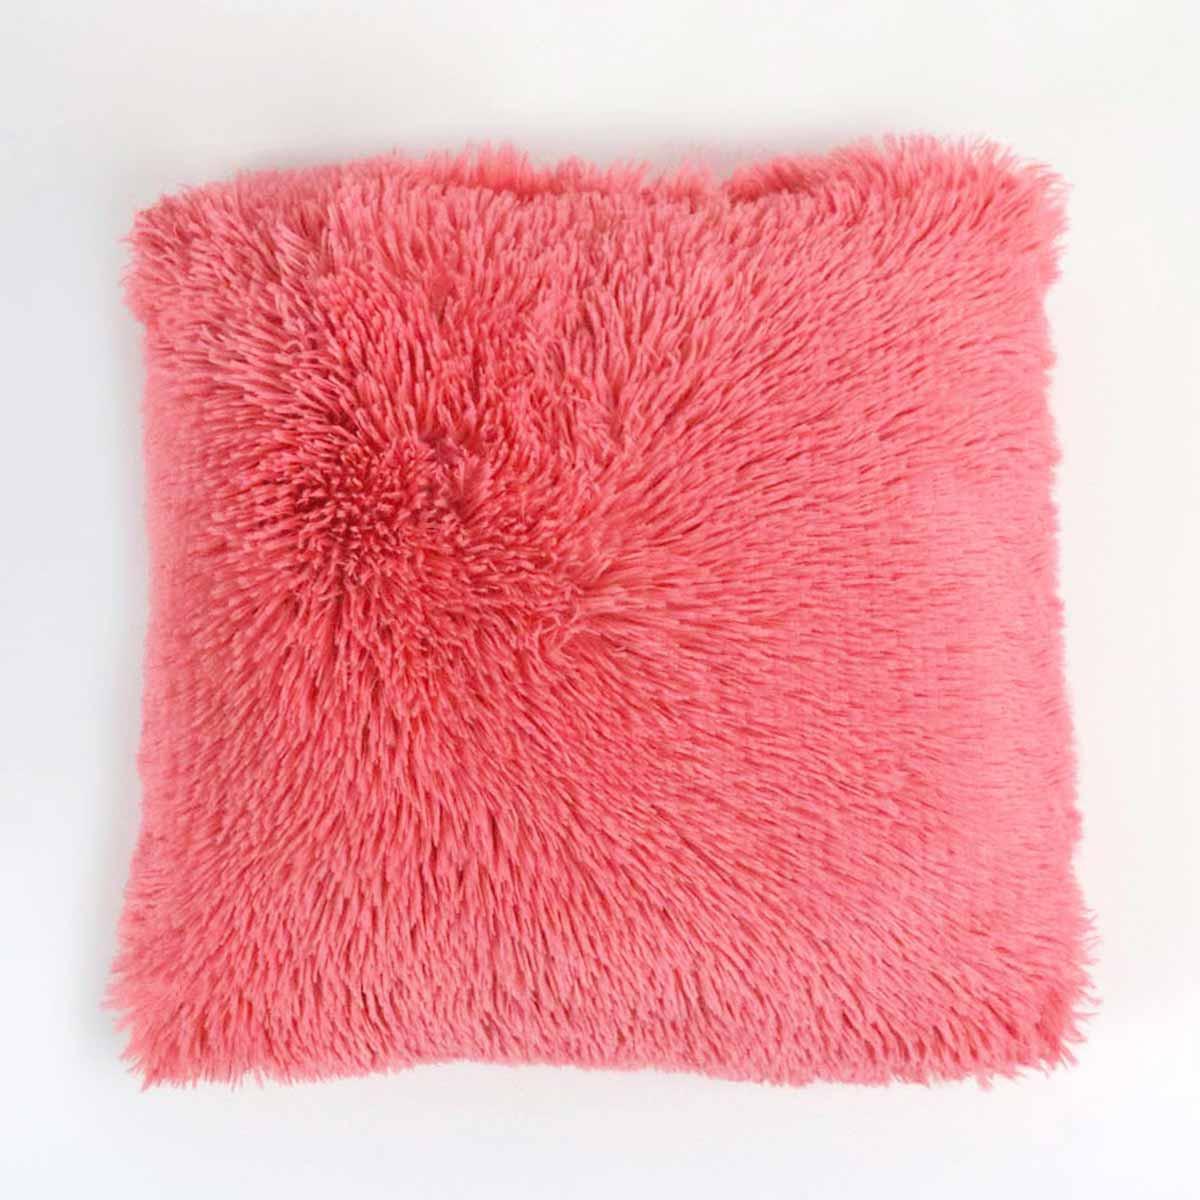 Διακοσμητικό Μαξιλάρι (40×40) Don Algodon Flou Coral